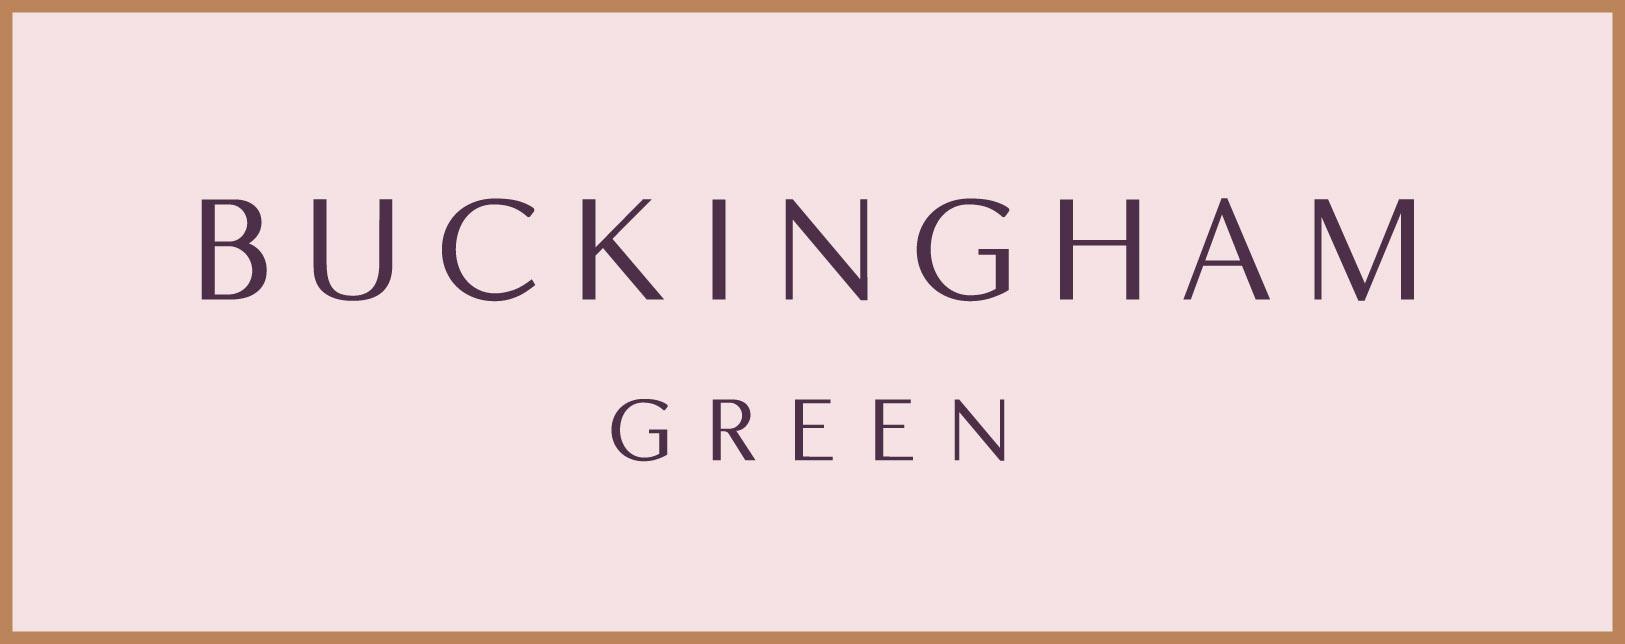 Buckingham Green Logo.jpg